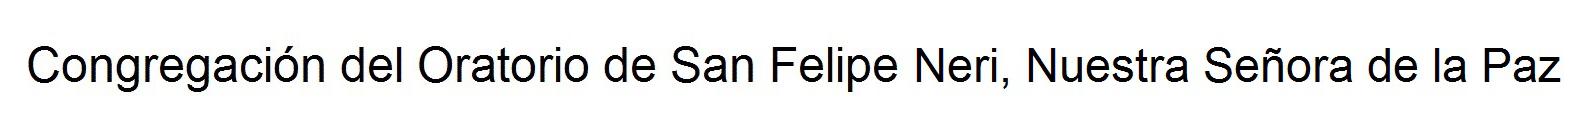 Oratorio de San Felipe Neri de Nuestra Señora de La Paz